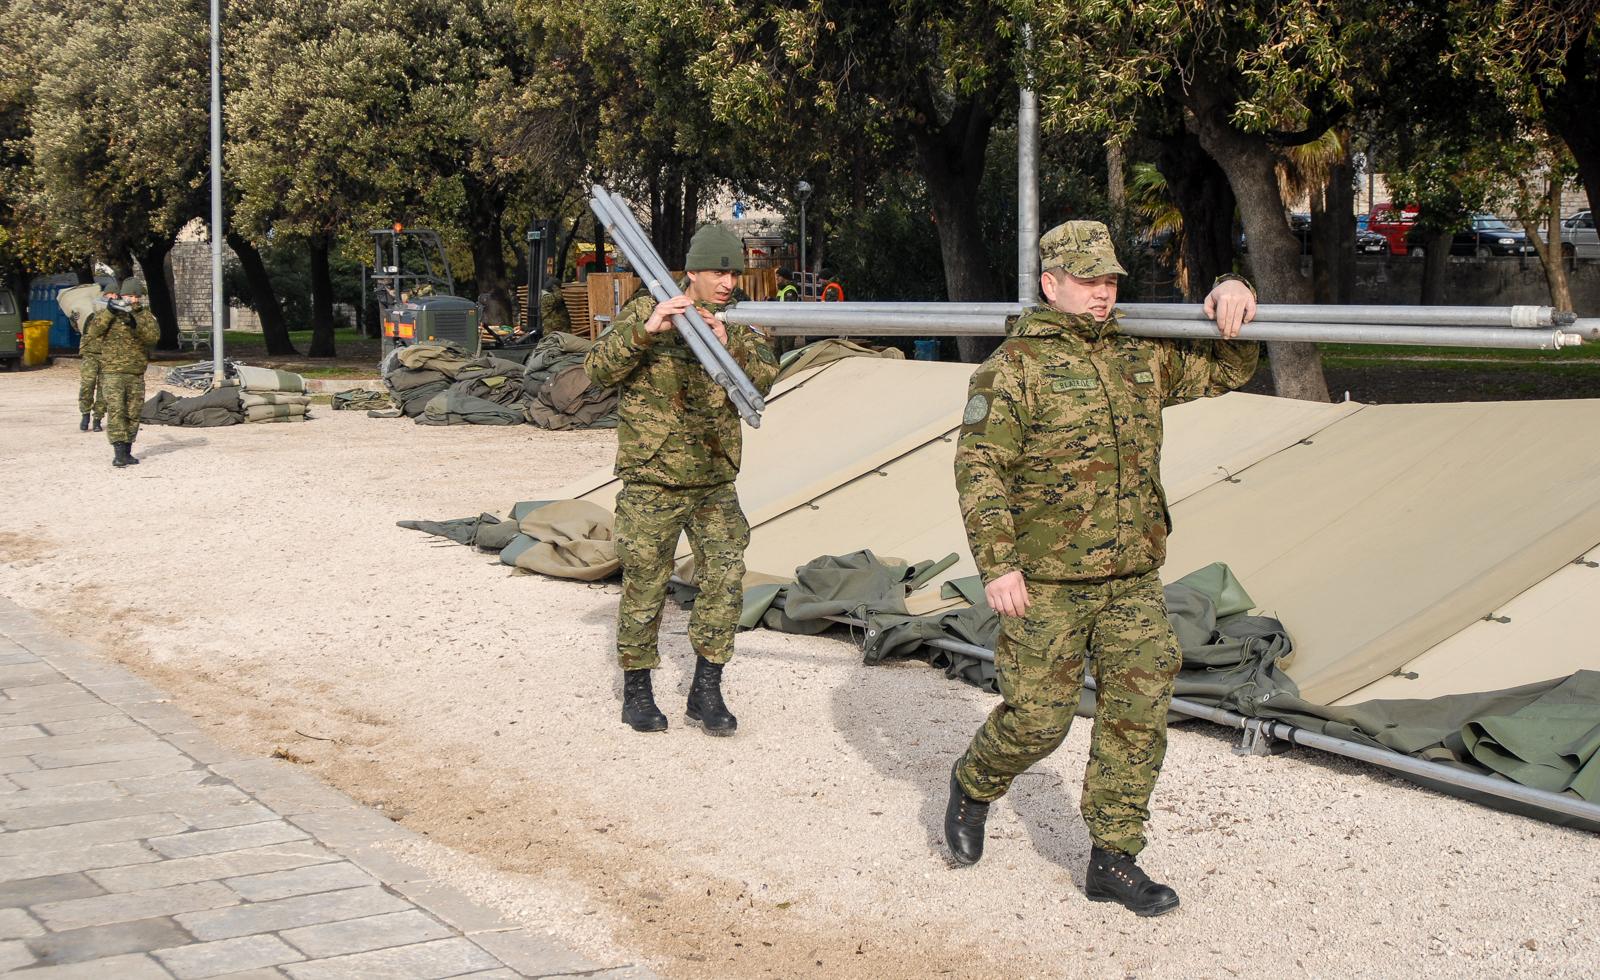 Vojska kao vojna organizacija se fokusira na problematiku vanjskog ugovaranja.